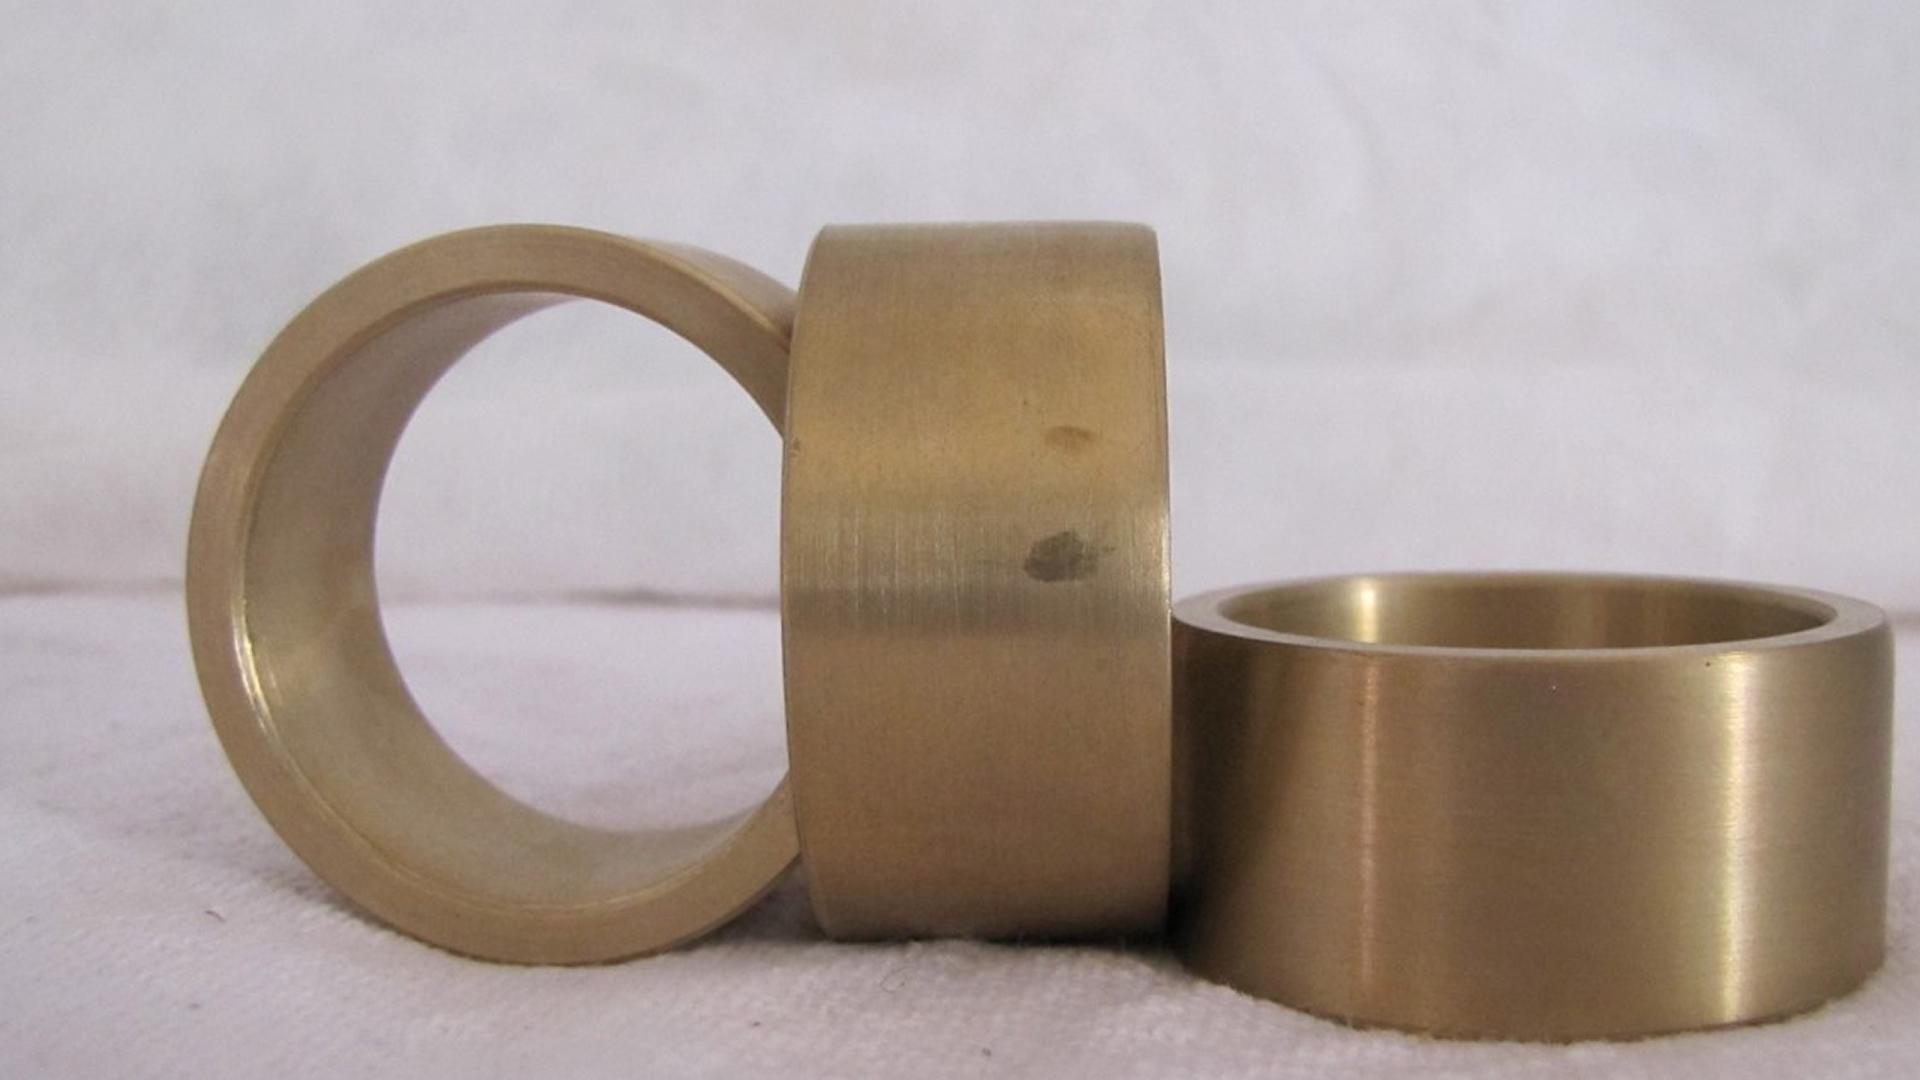 Buchas em bronze - Bujes en bronce 2